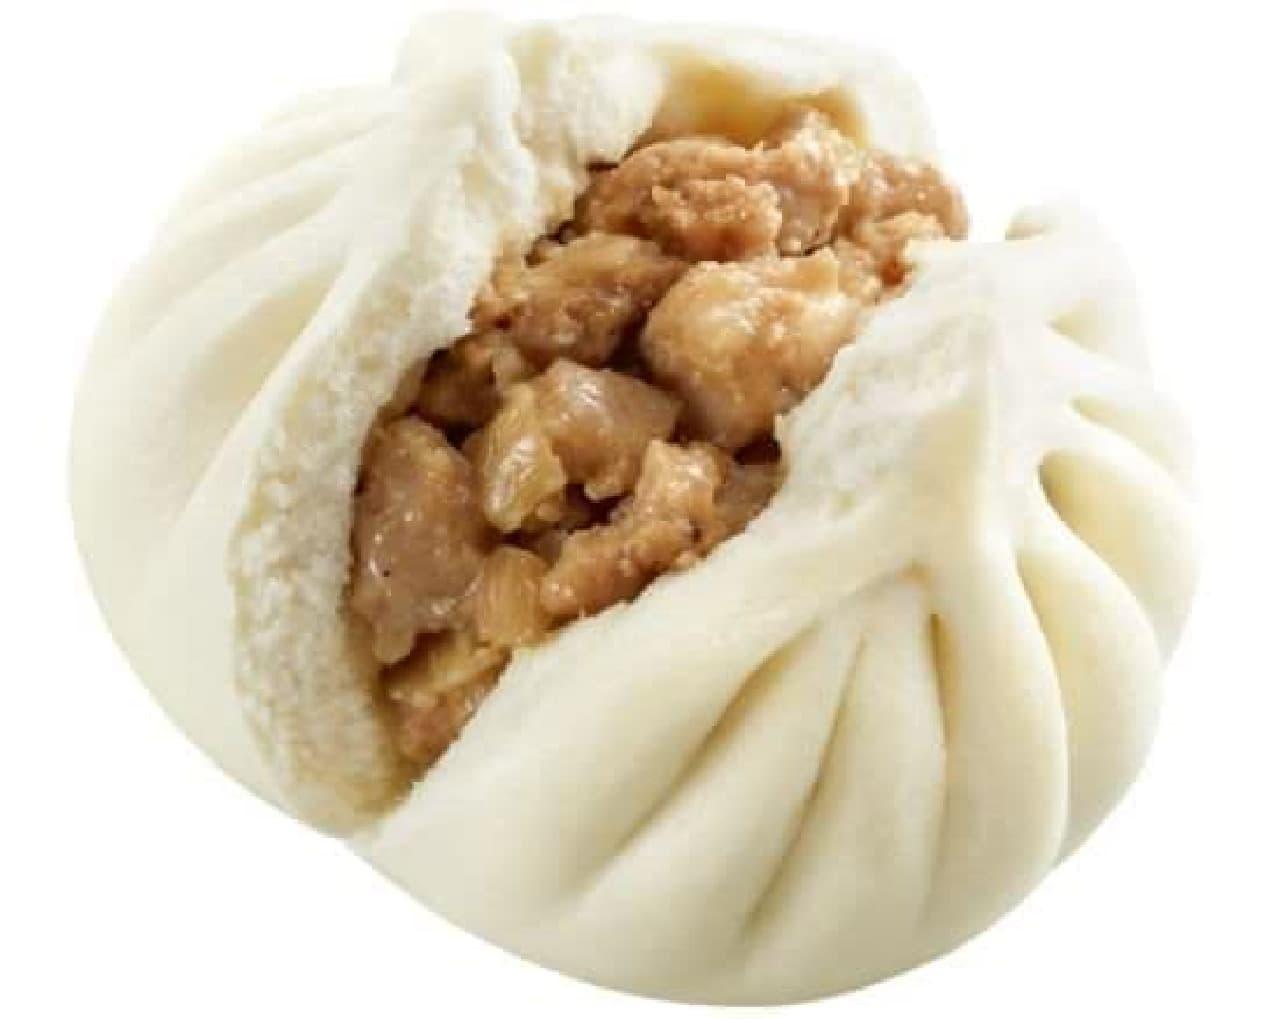 「極旨肉まん」は、昨年より大きくカットされた豚バラ肉と豚モモ肉のミンチを手包みで包み込んだボリュームのある中華まん